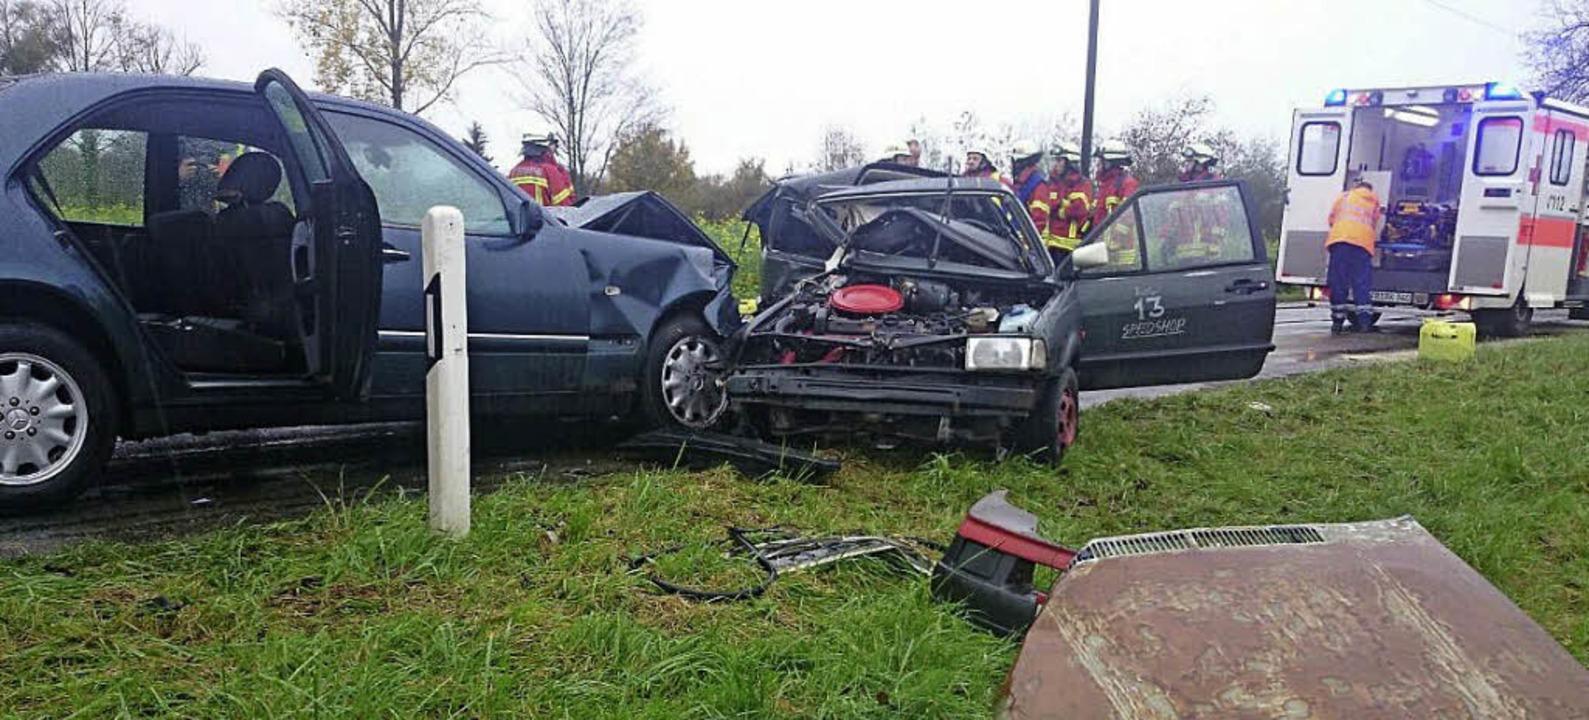 Einen Toten und zwei Verletzte gab es ...en Breisach und Burkheim ereignet hat.    Foto: kamera24.tv